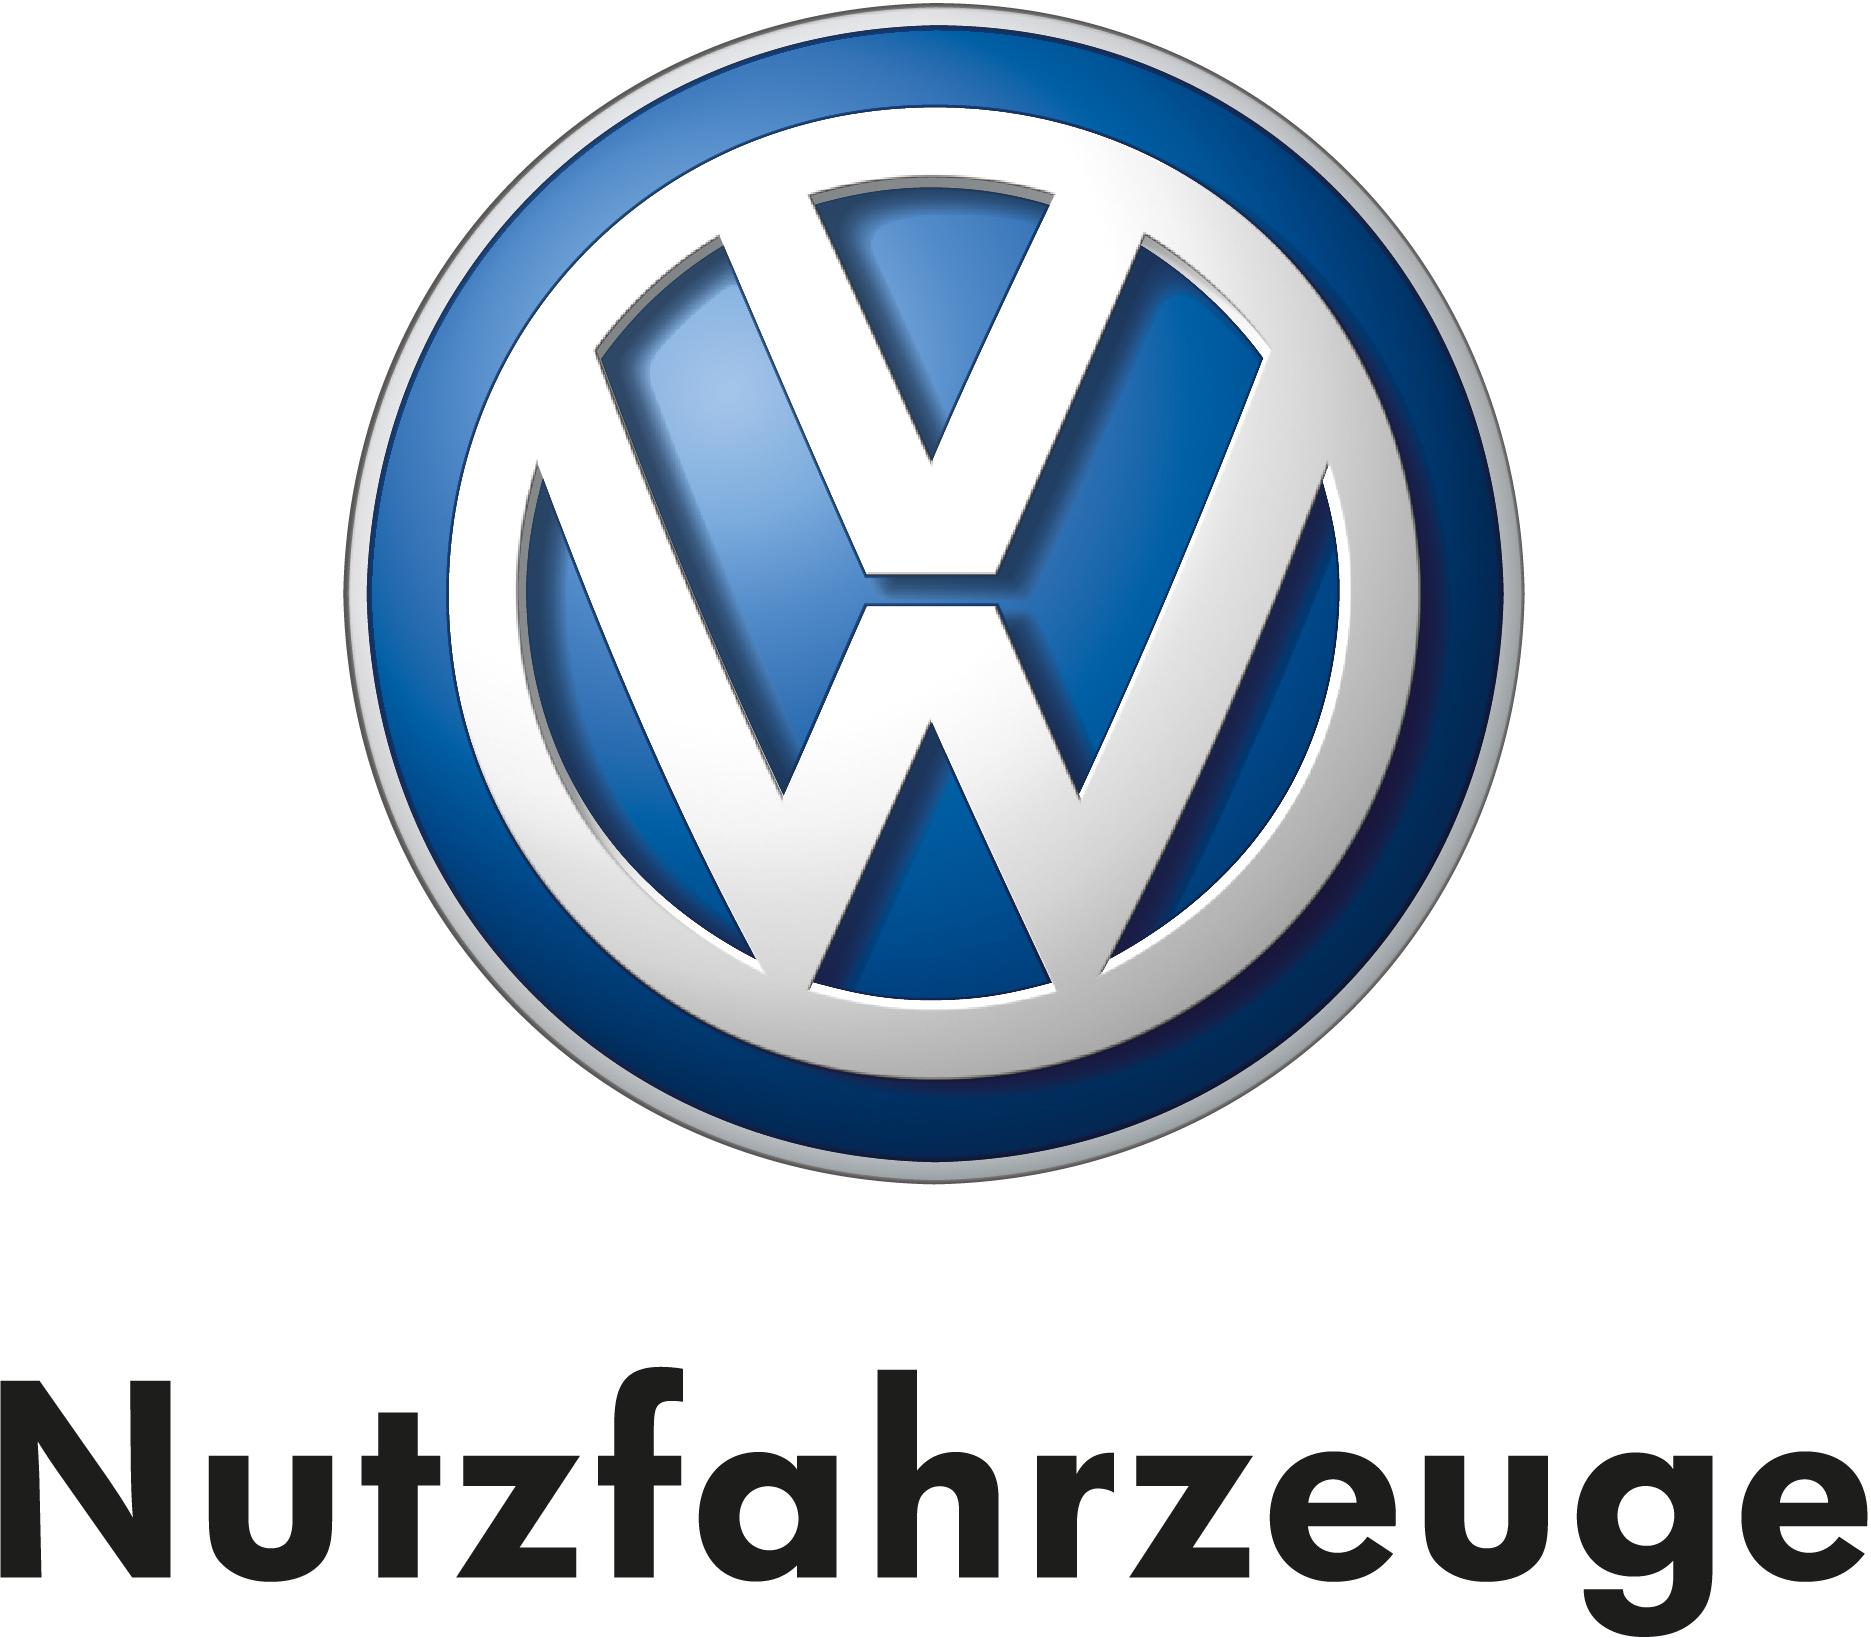 VW_Nutzfahrzeuge_Logo